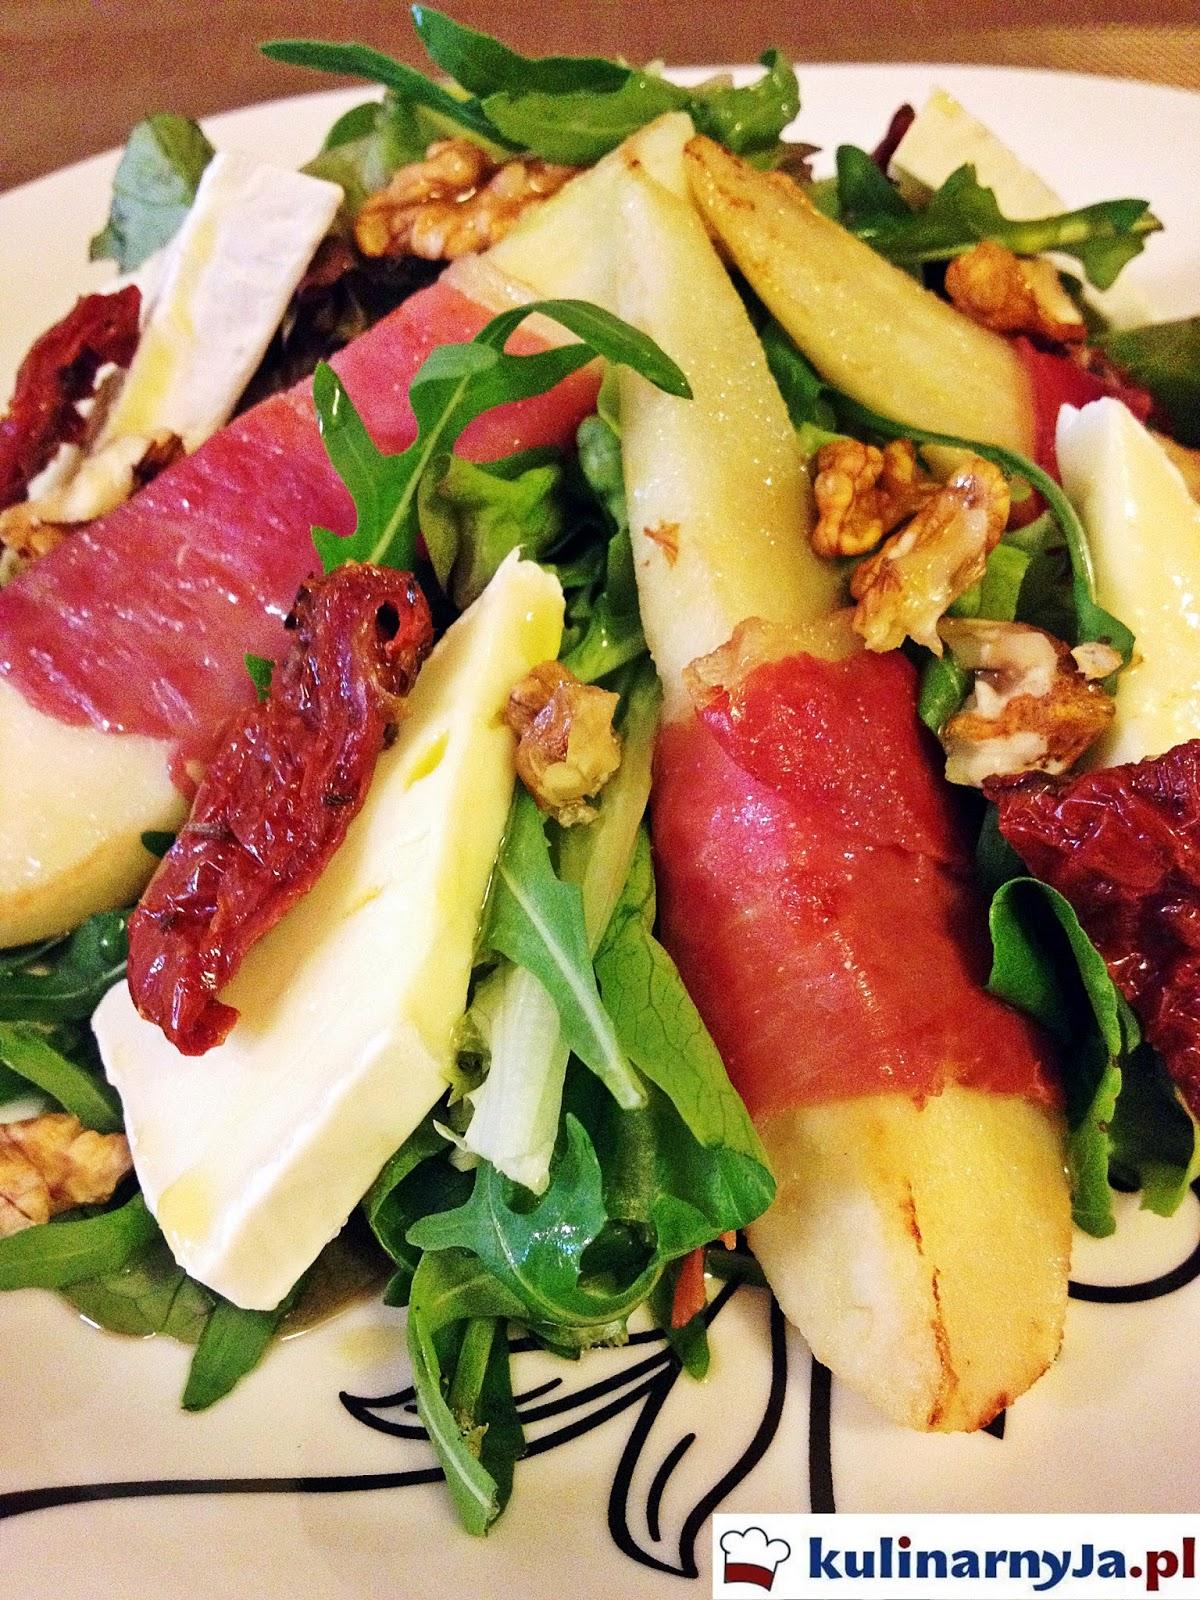 Sałatka z gruszką, prosciutto i oliwą truflową